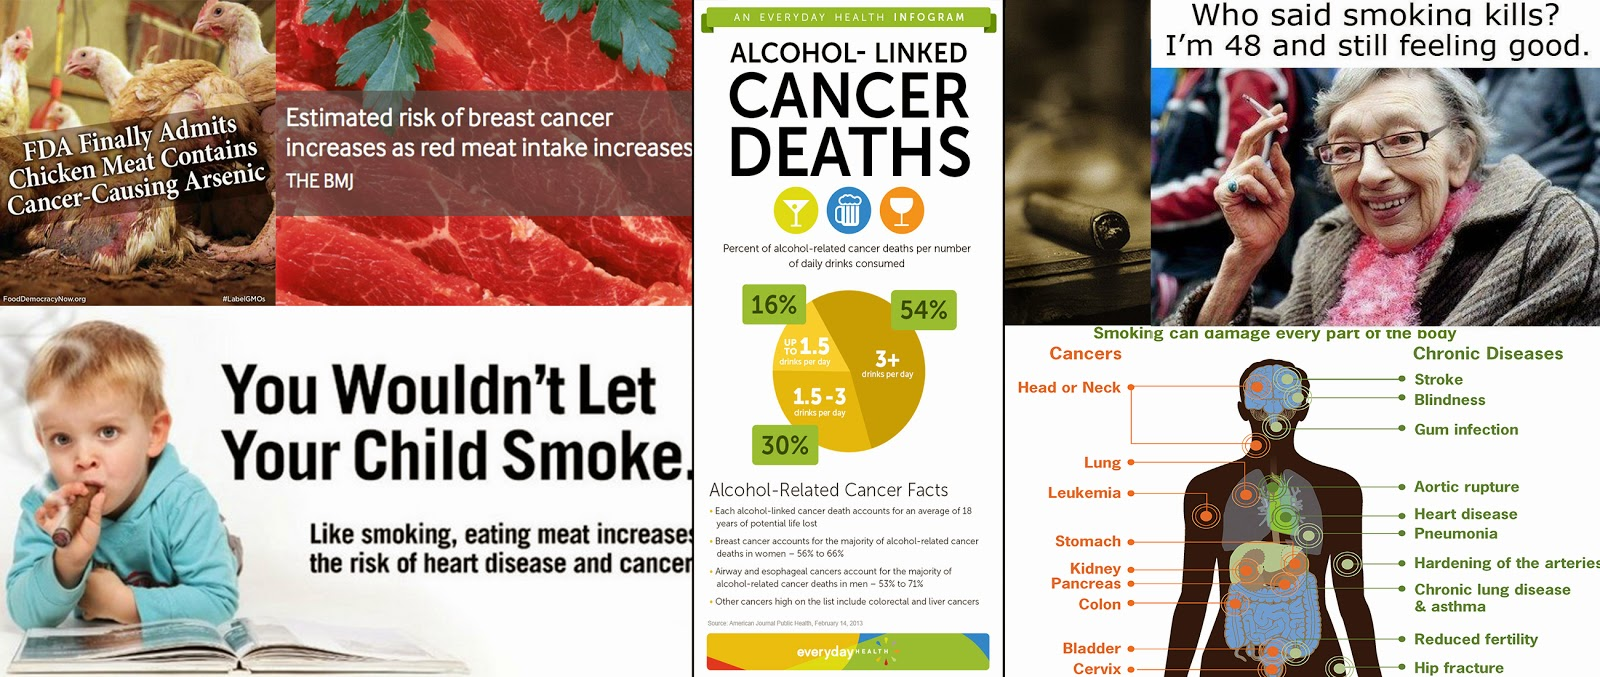 Καρκίνος, και πράγματα που δεν θα σας πουν και δεν γνωρίζετε.  66